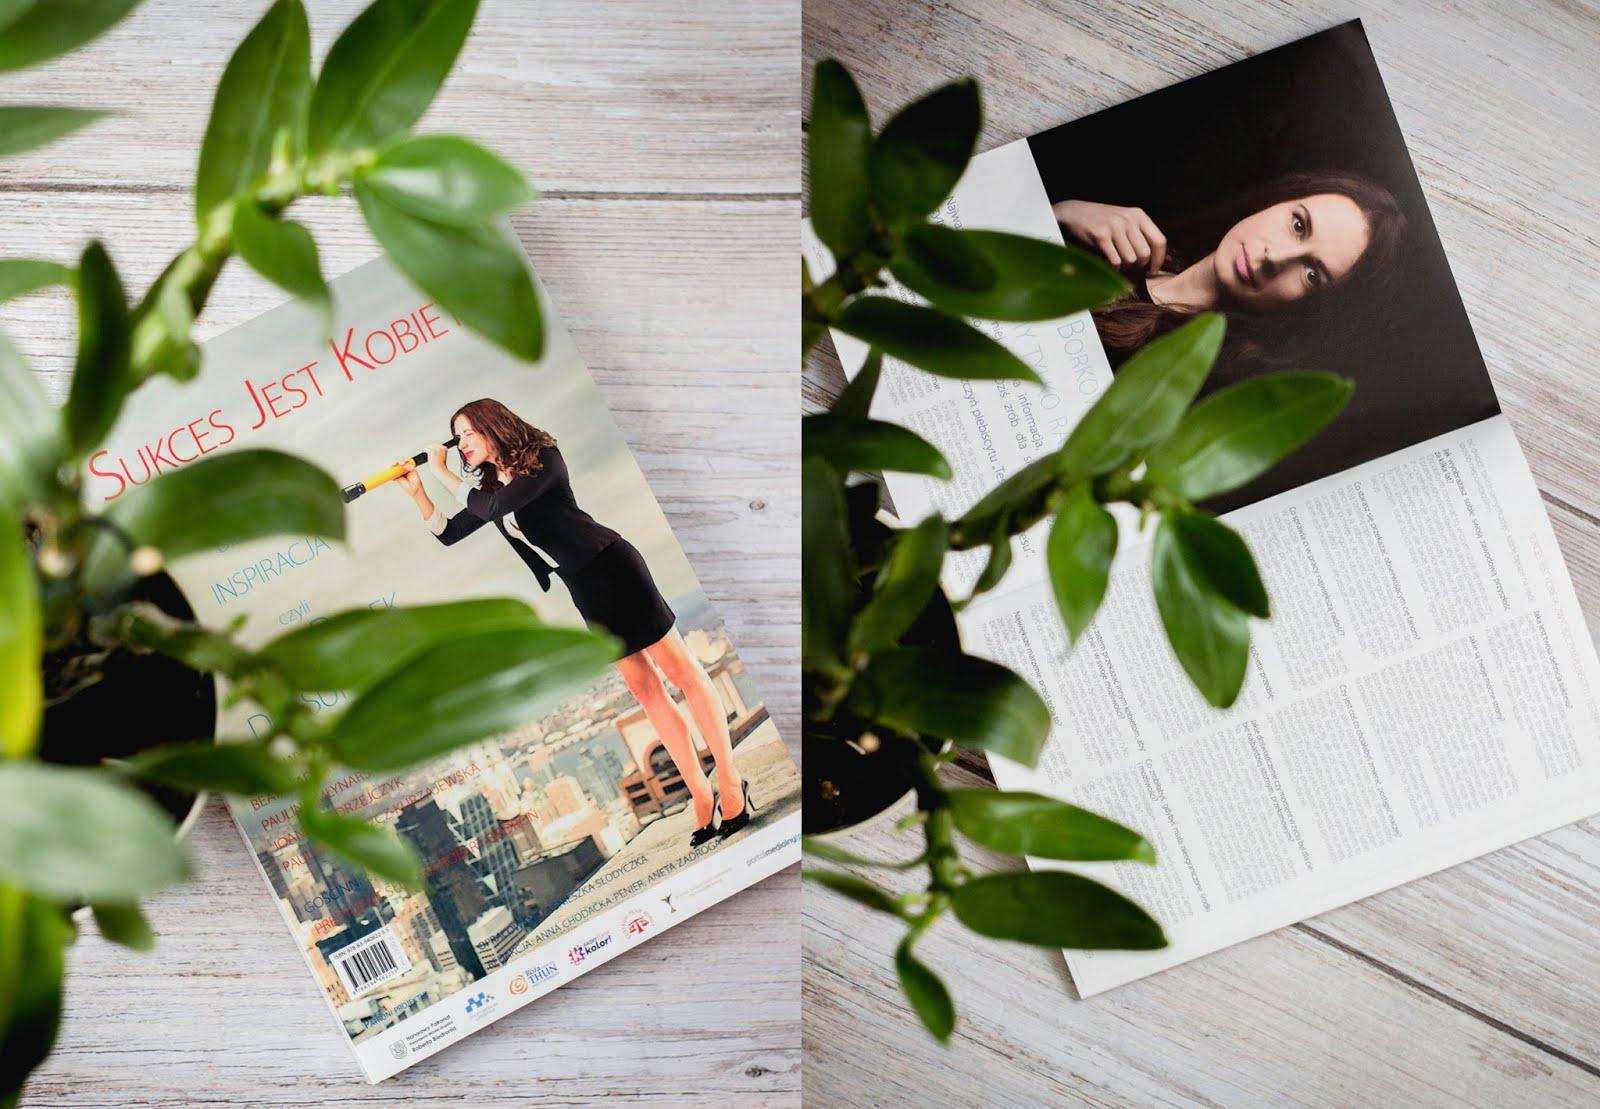 Wywiad w Sukces Jest Kobietą 2017